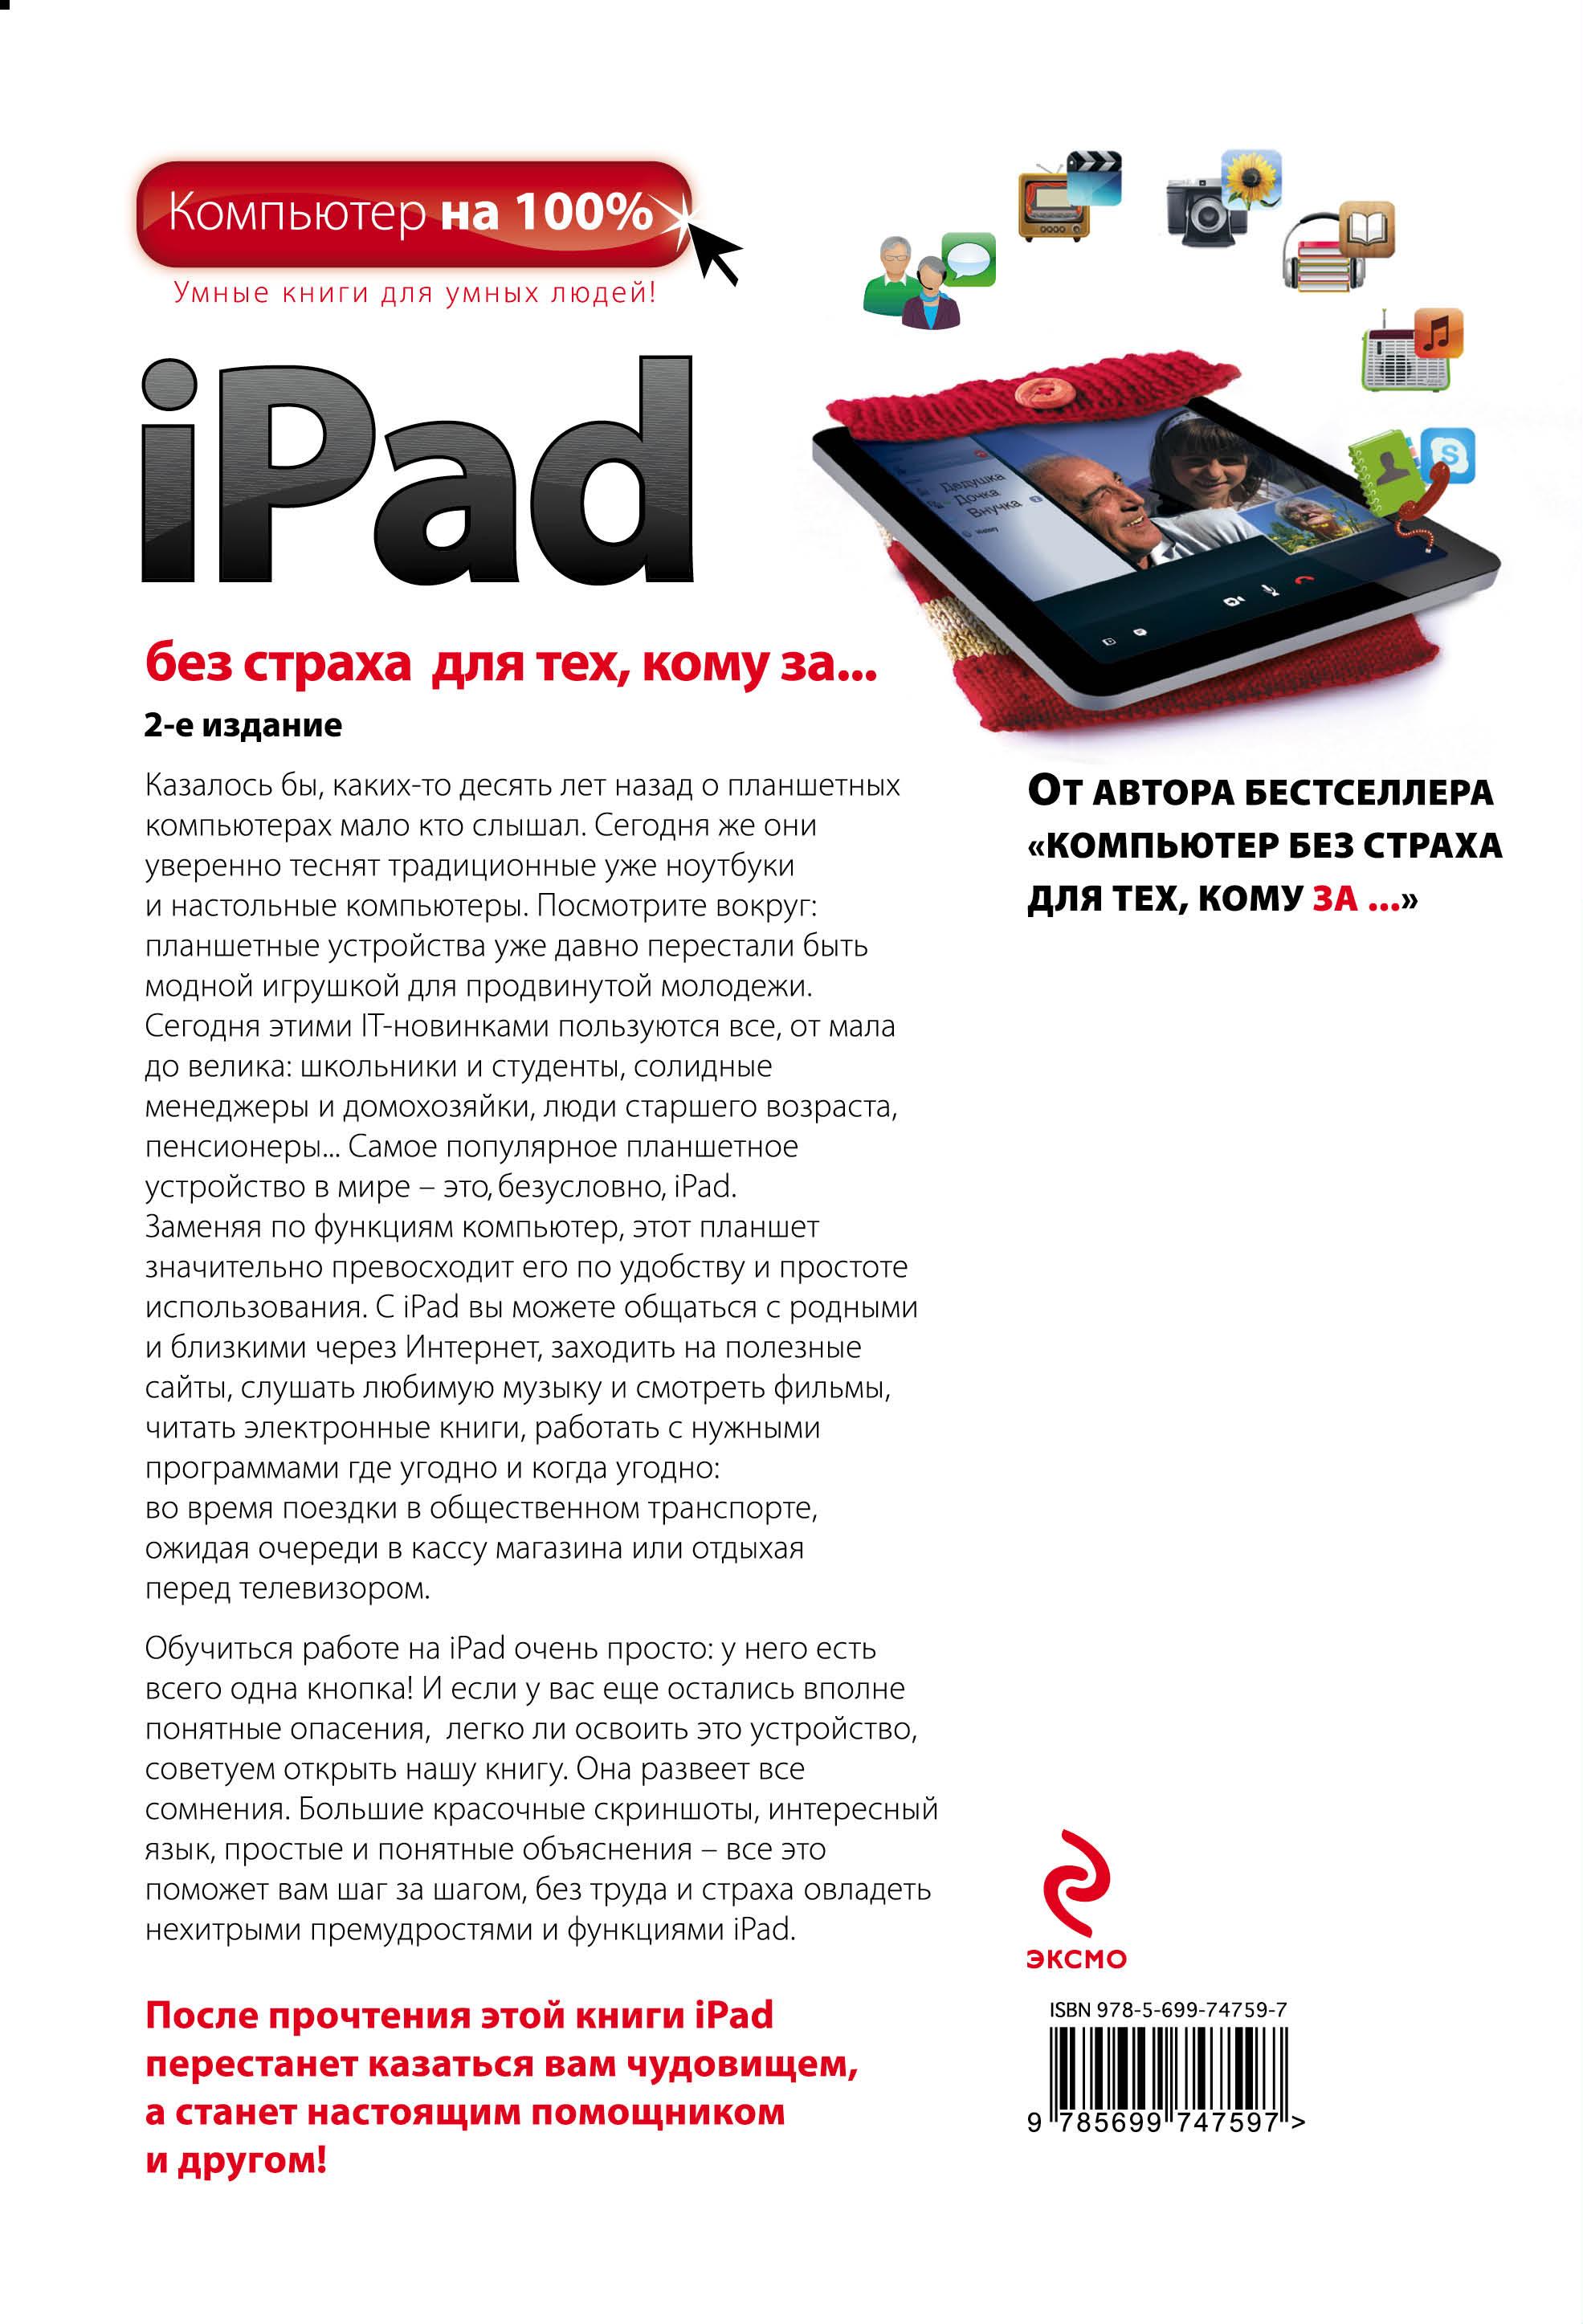 iPad без страха для тех, кому за...